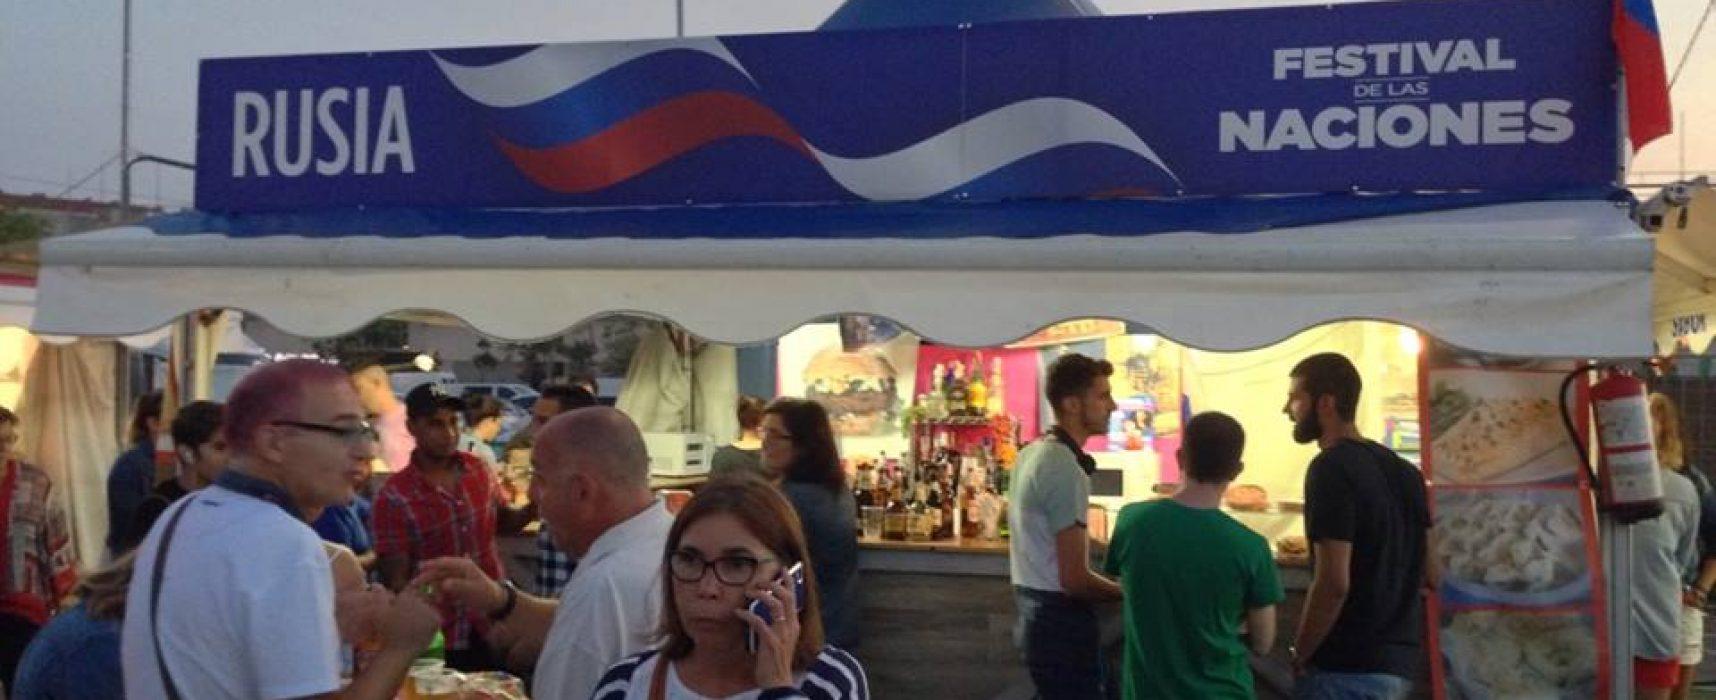 En un festival de Santander la delegación rusa presentó cerveza ucraniana como si fuera un producto ruso